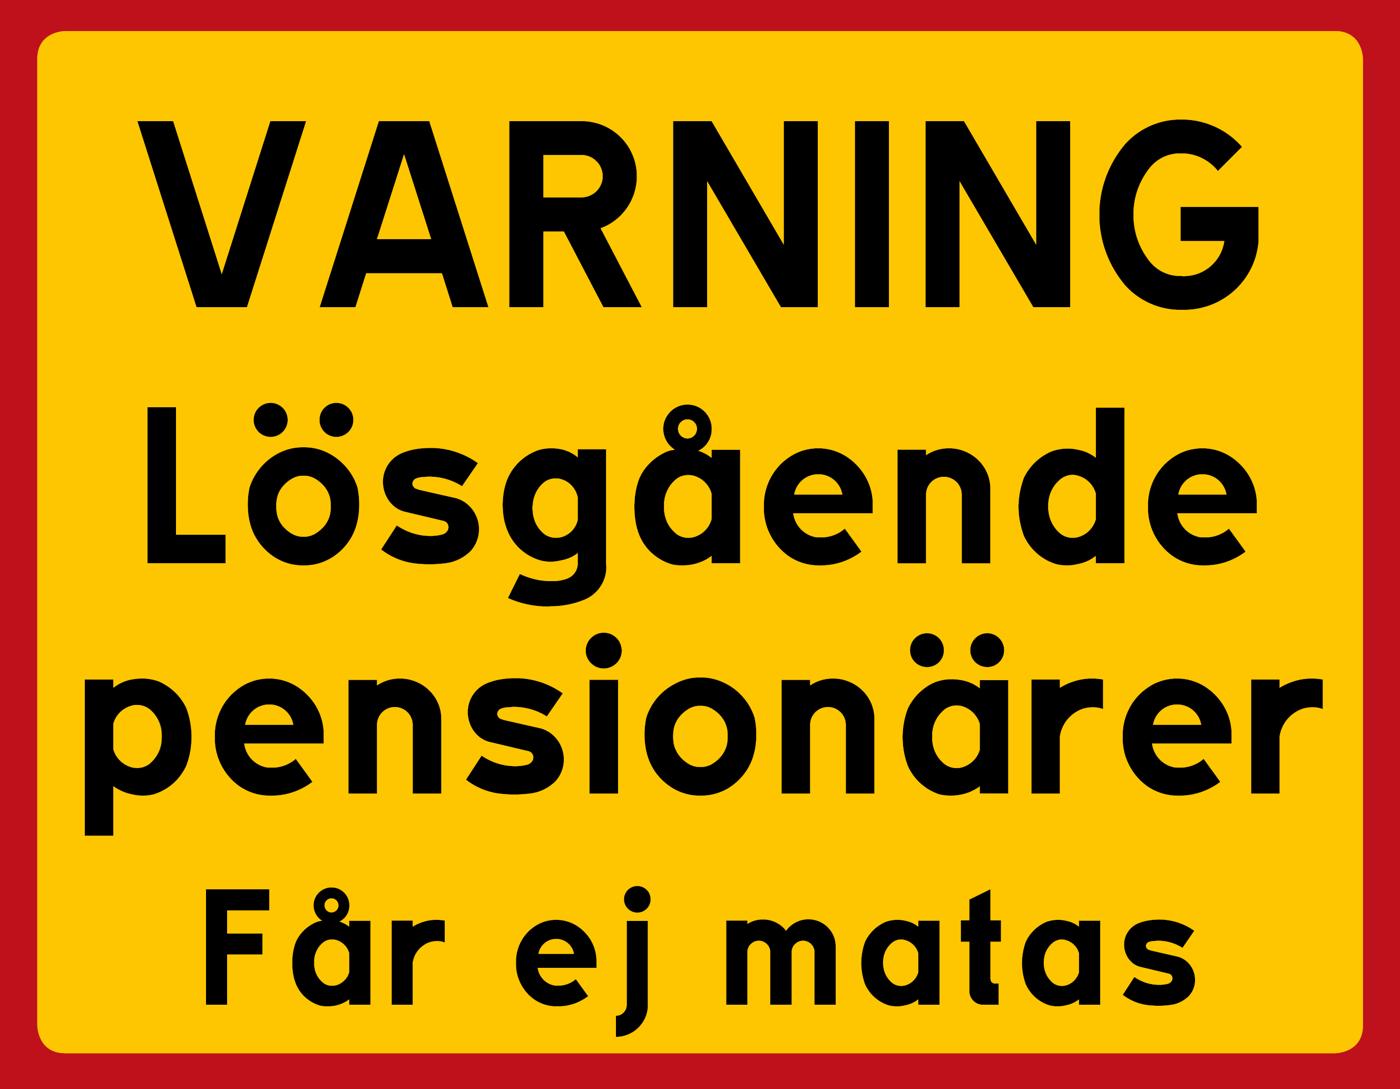 varning lösgående pensionärer, får ej matas | happy print